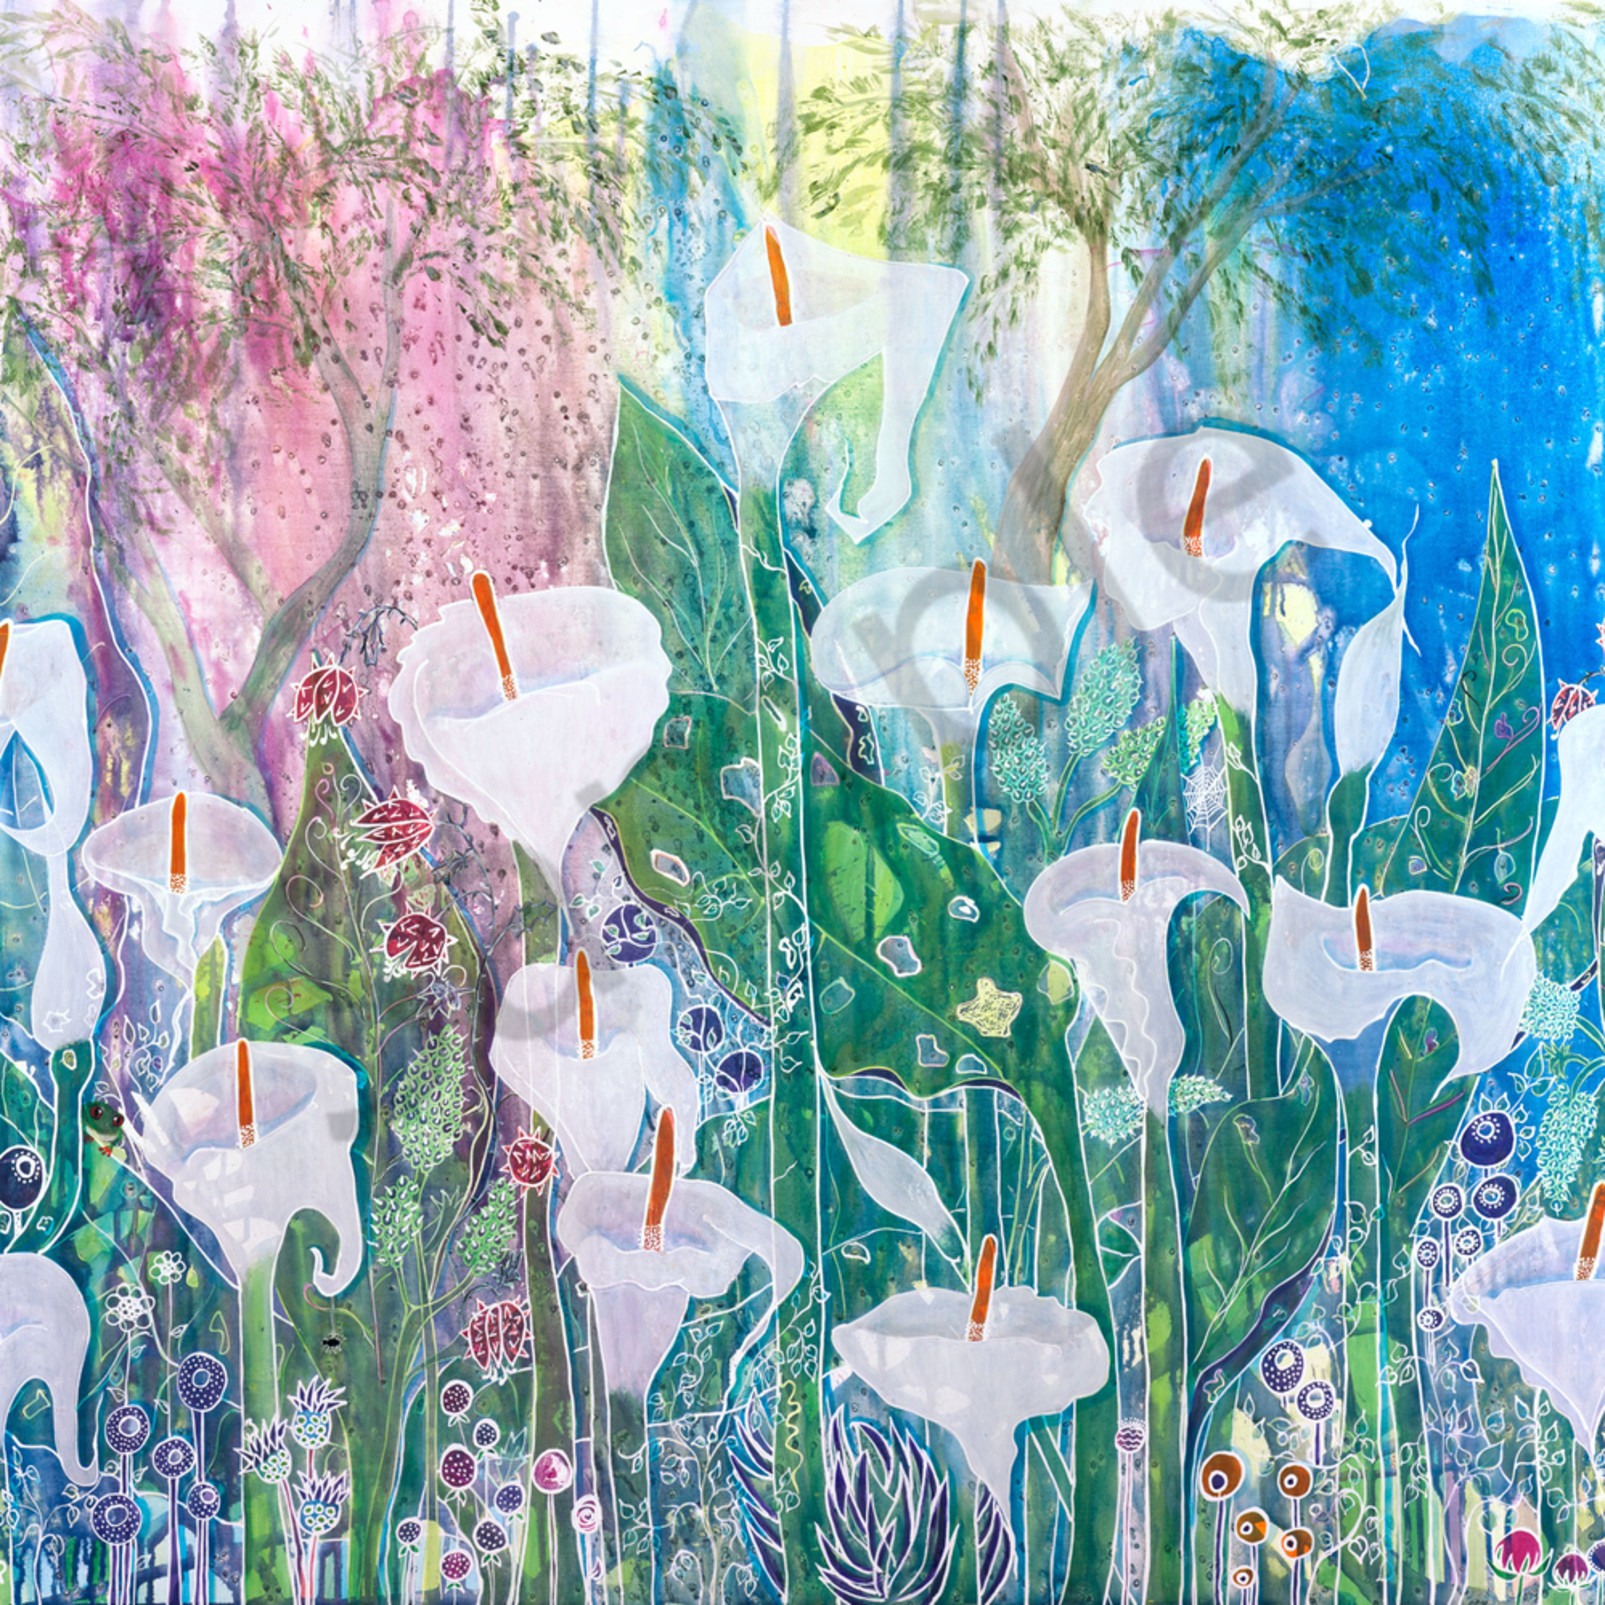 B mace 007 lilies fi4unq